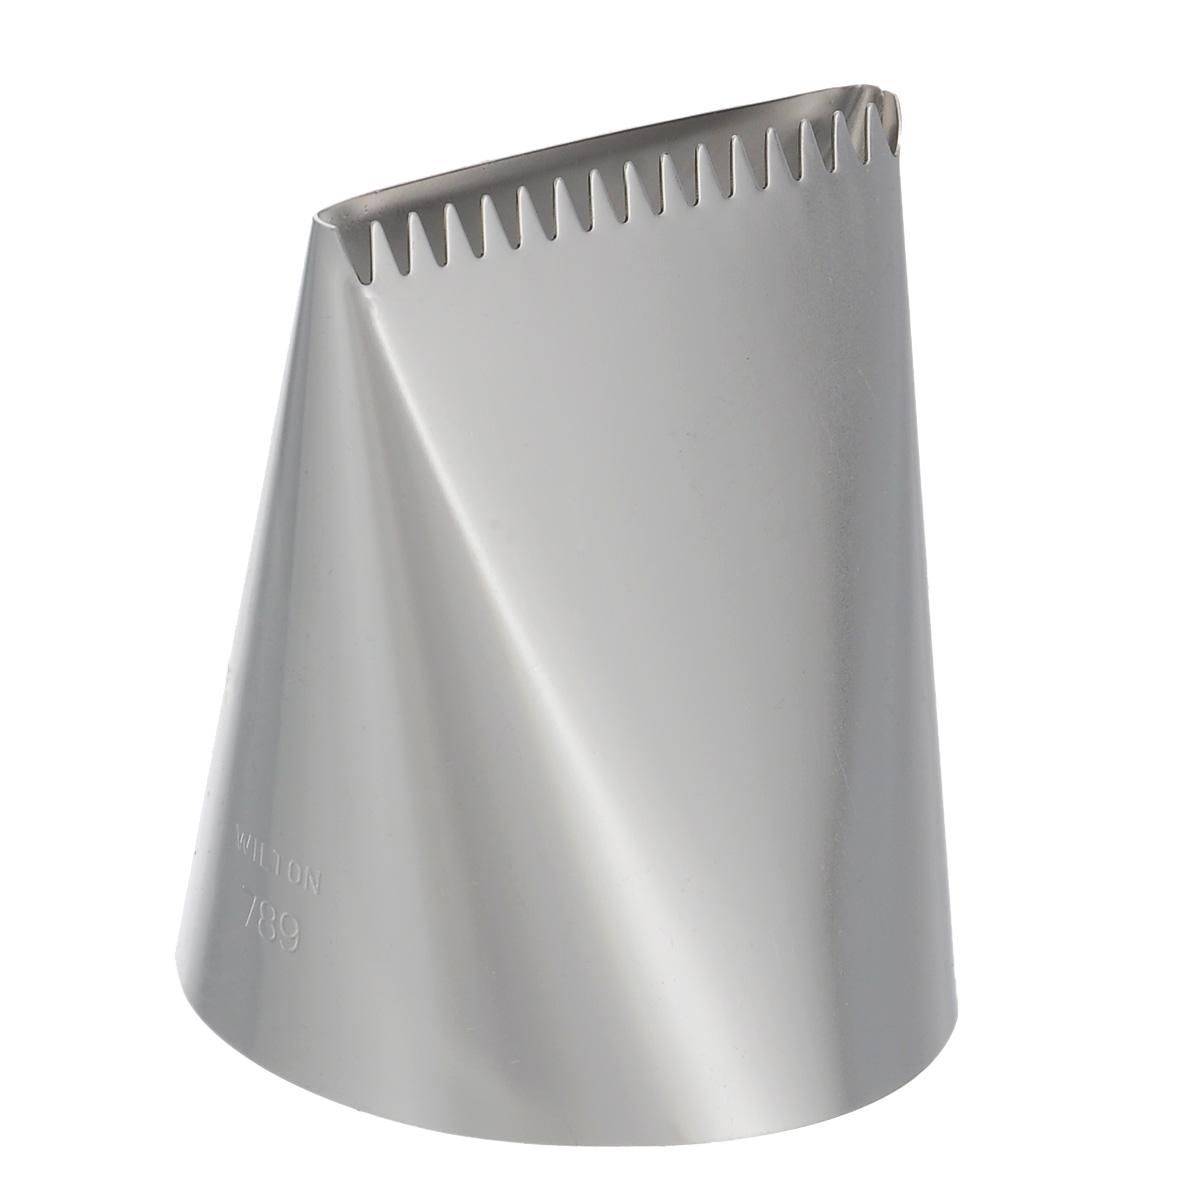 Насадка для кондитерского мешка Wilton, на подвесе, №789WLT-418-789Насадка для кондитерского мешка Wilton изготовлена из металла. Она используется для украшения кондитерских изделий и крепится стандартным фиксатором насадок. С ее помощью можно быстро нанести айсинг на торт! Насадка вместе с кондитерским мешком поможет создать на выпечке удивительные рисунки кремом. С этой насадкой готовить станет намного удобнее! Можно мыть в посудомоечной машине.